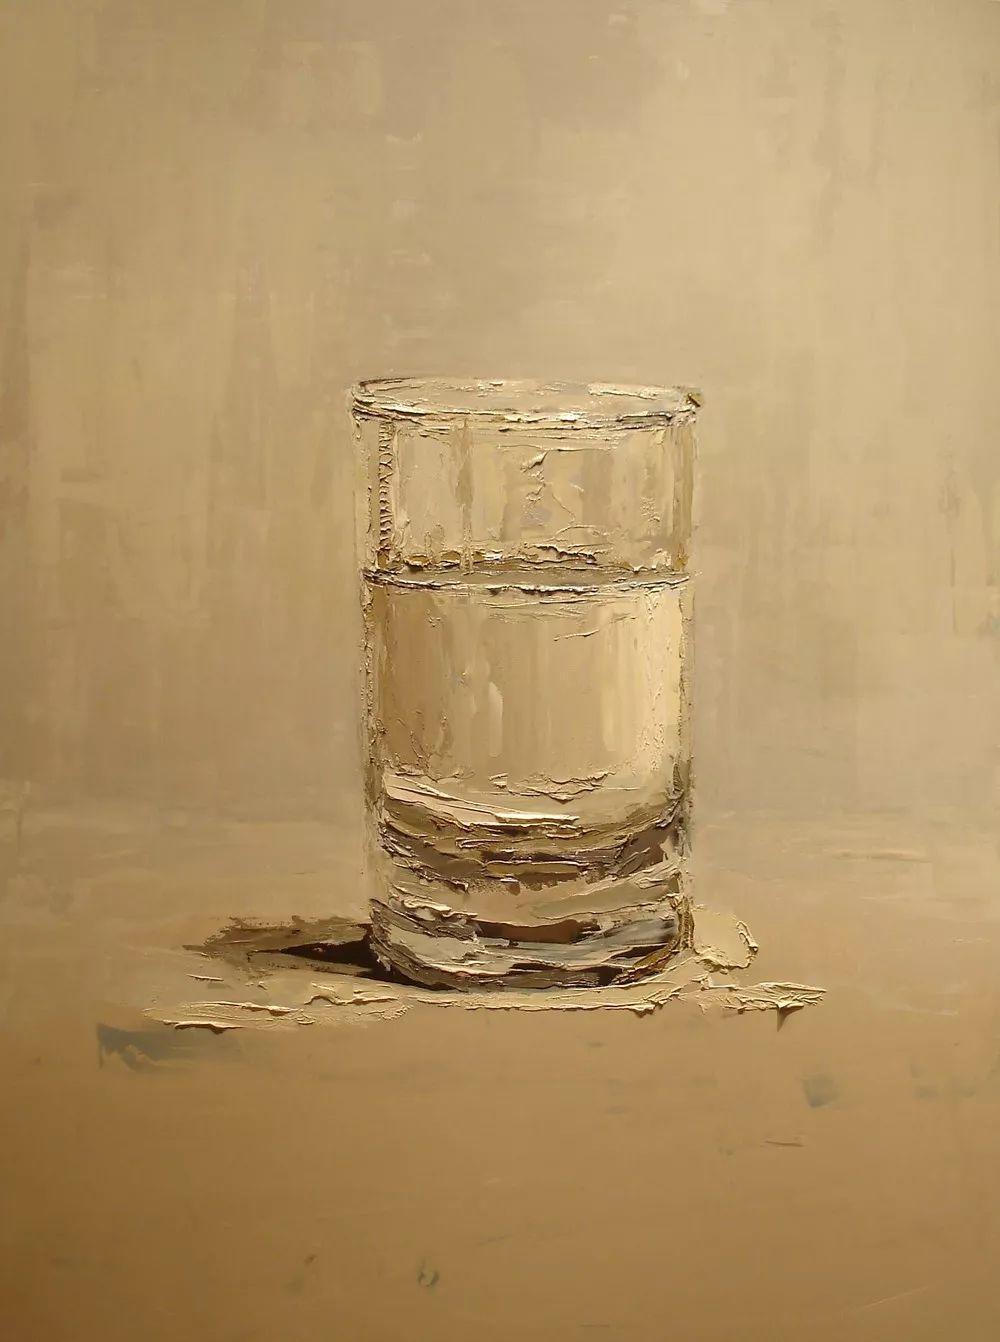 玻璃的质感,赞!美国画家Brian Blackham插图37